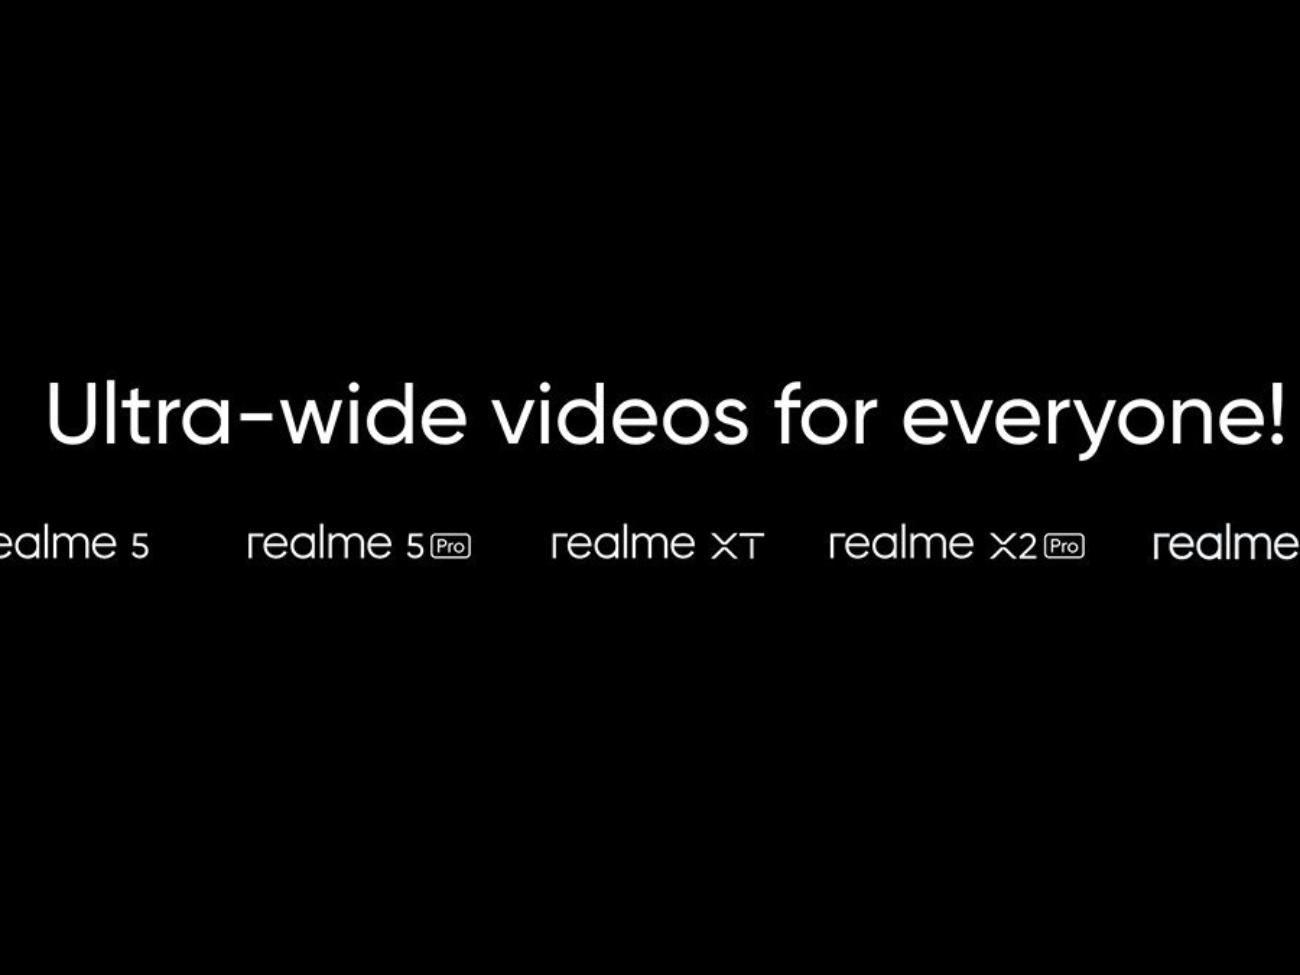 Realme-Ultrawide-Video-Recording